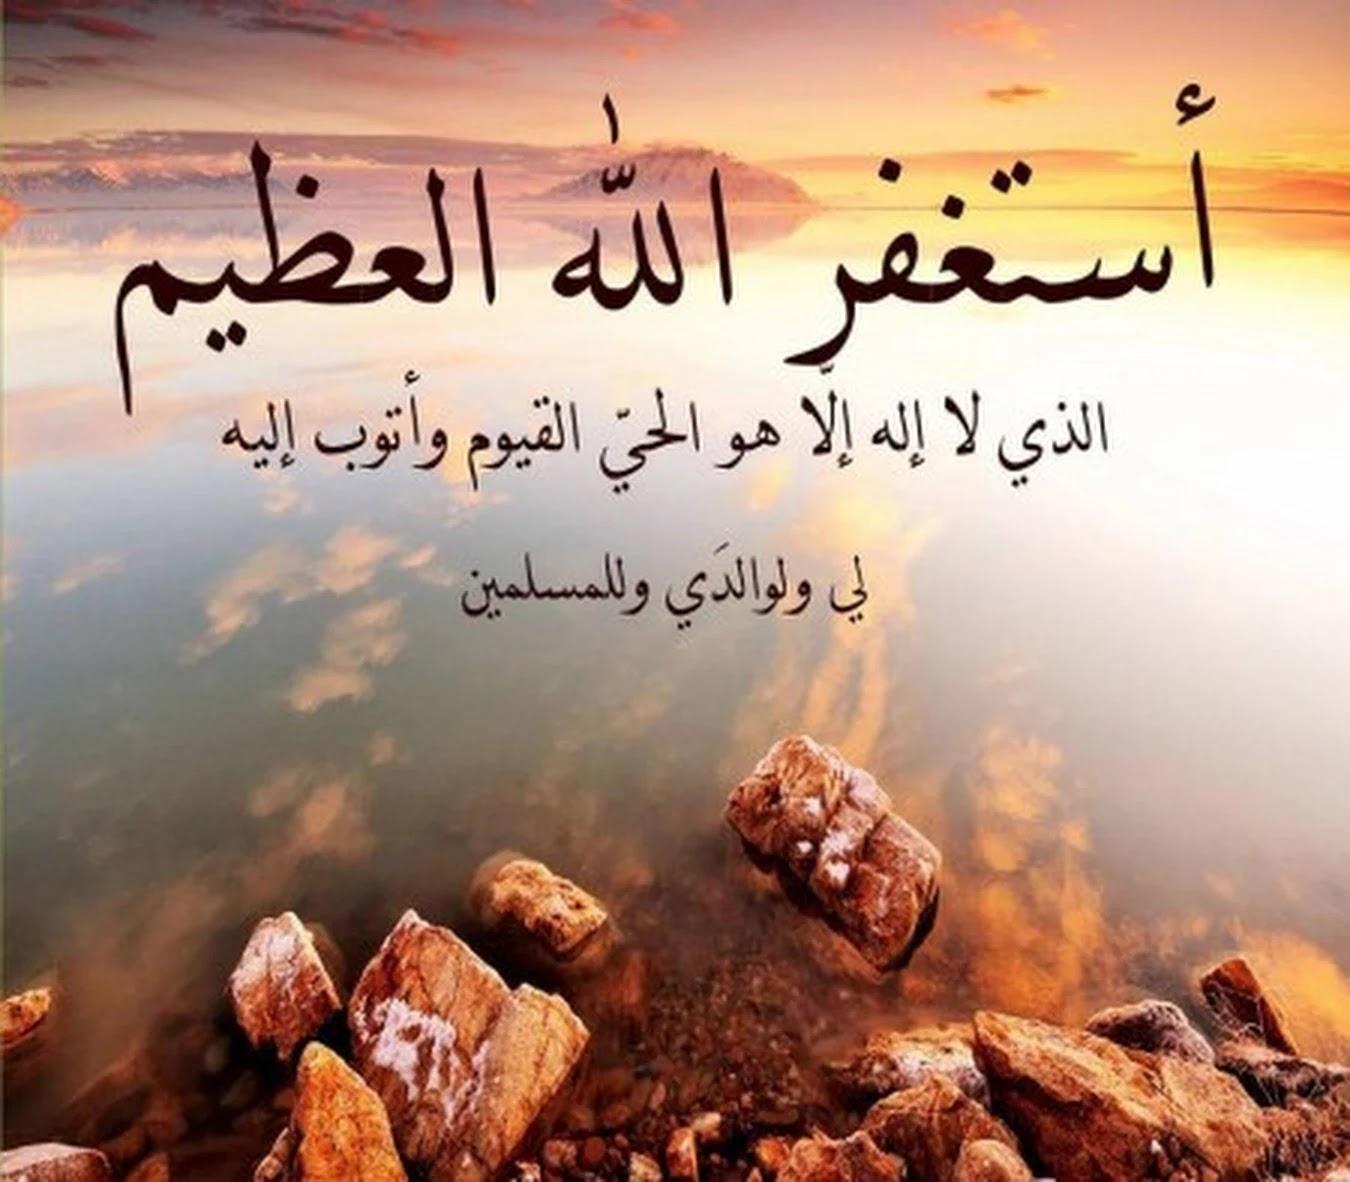 بالصور صور واتس دينيه , عبارات دينية علي الواتس 2705 4